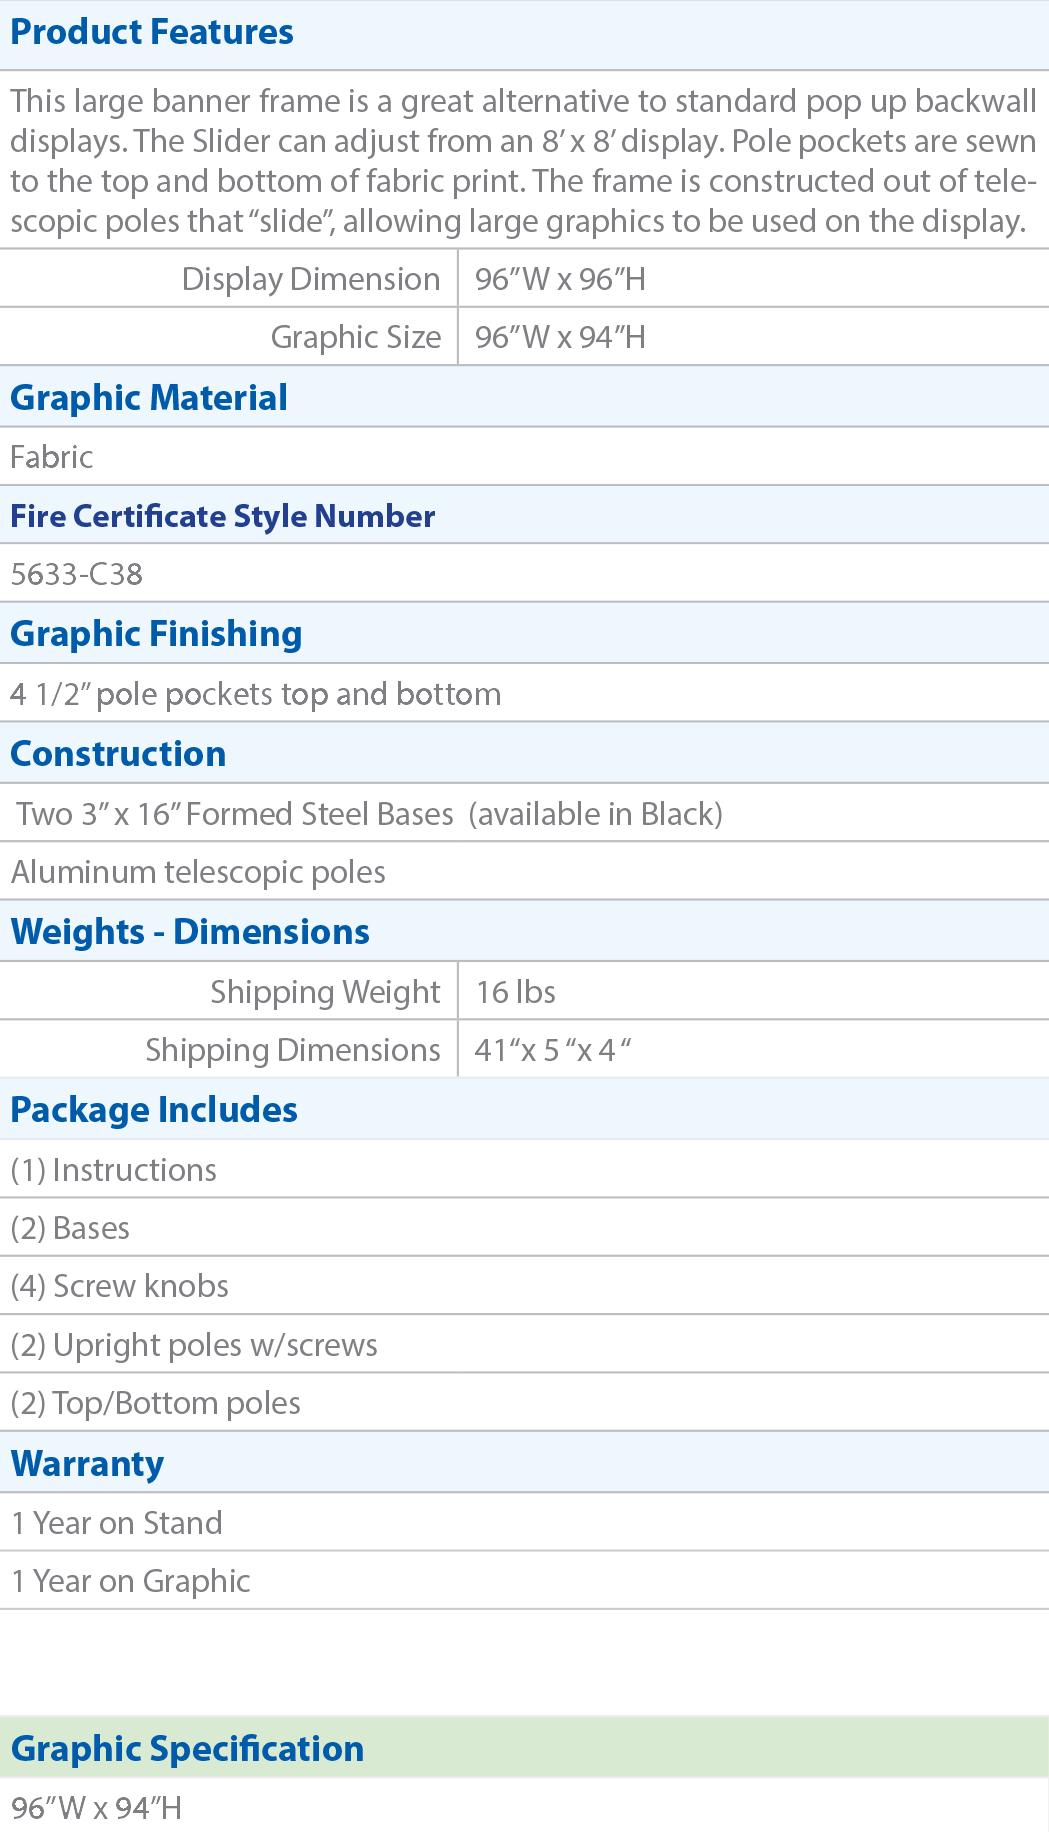 Product Page Description